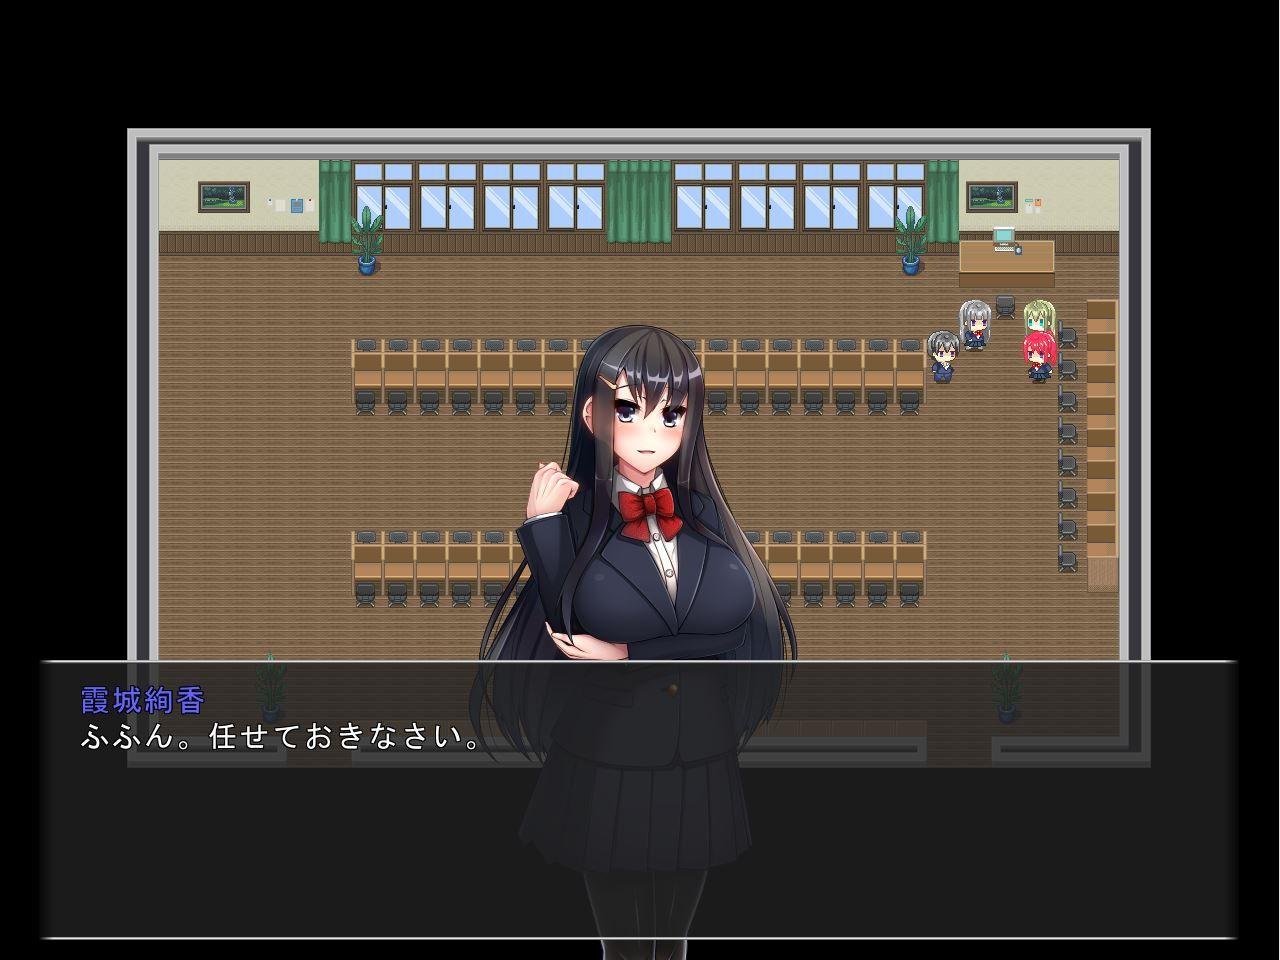 【円黄堂 同人】学園怪奇もの!